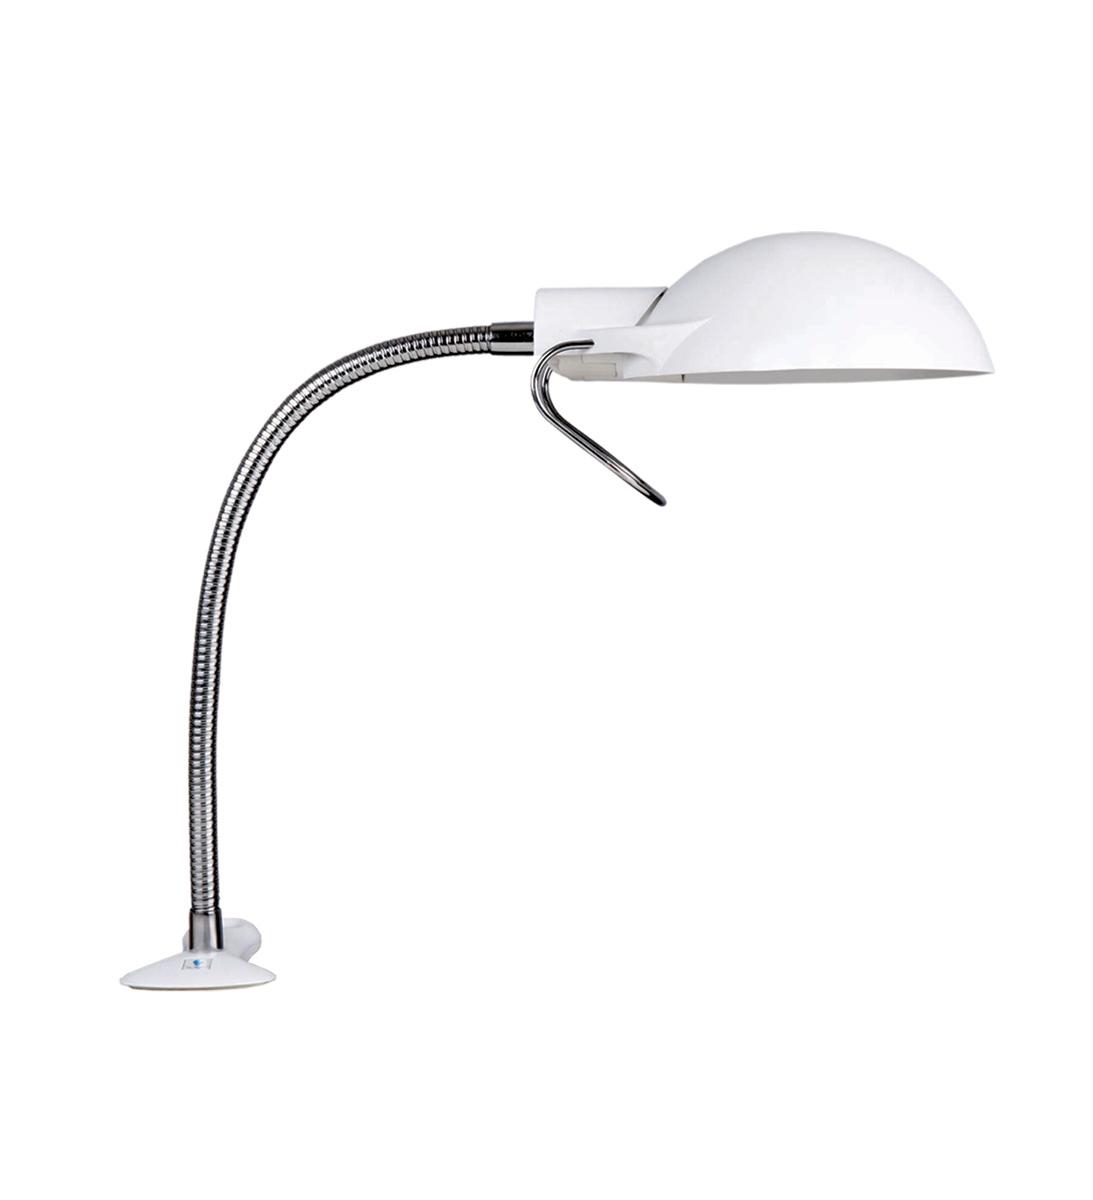 Лампа электрическая - клипса с креплением к столу.